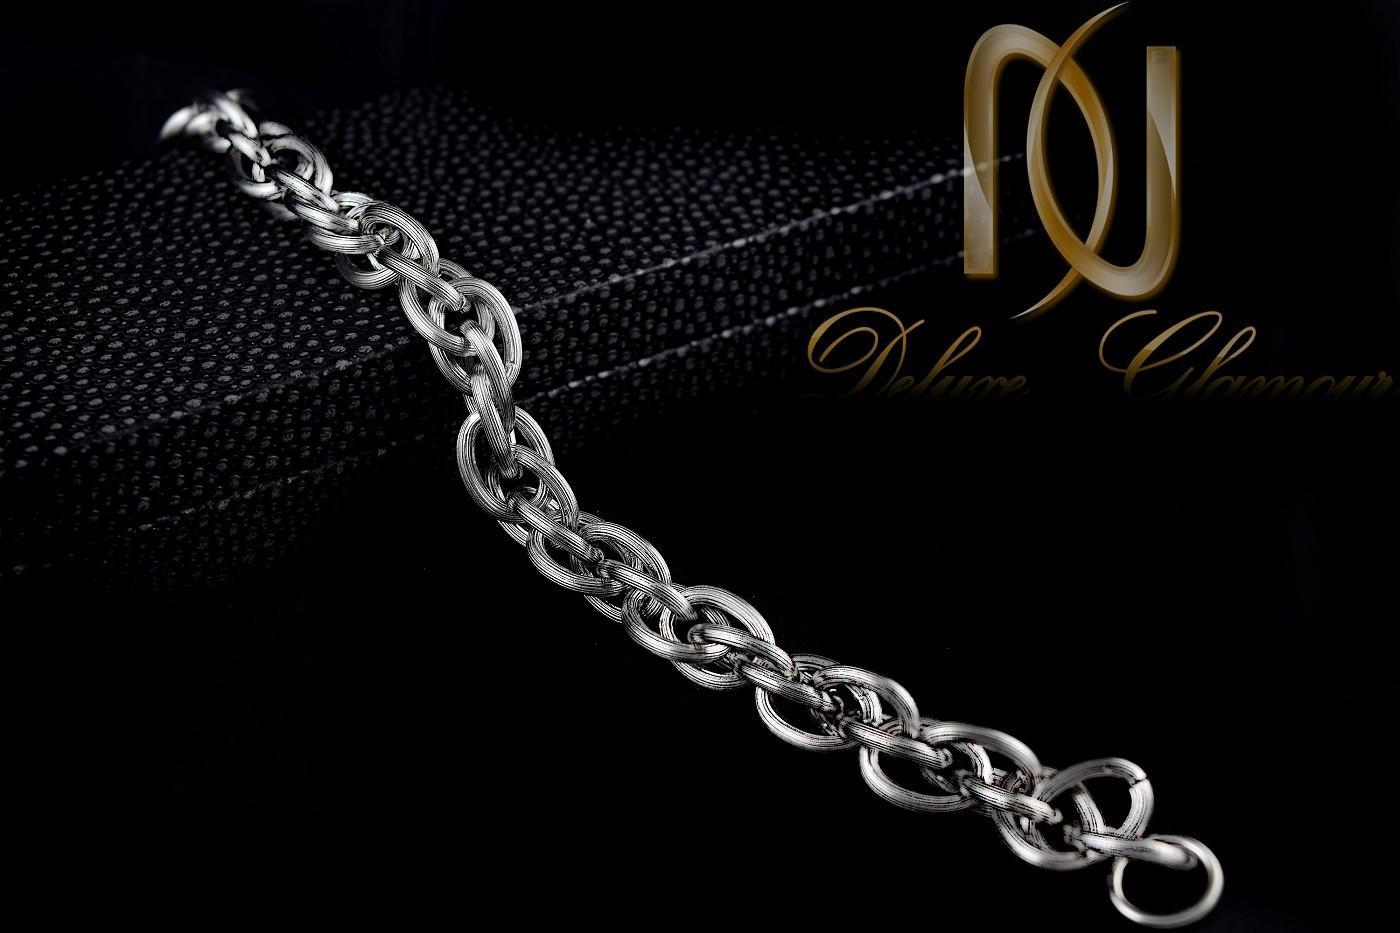 خرید دستبند مردانه زنجیری استیل مات Ds-n251 - عکس اصلی